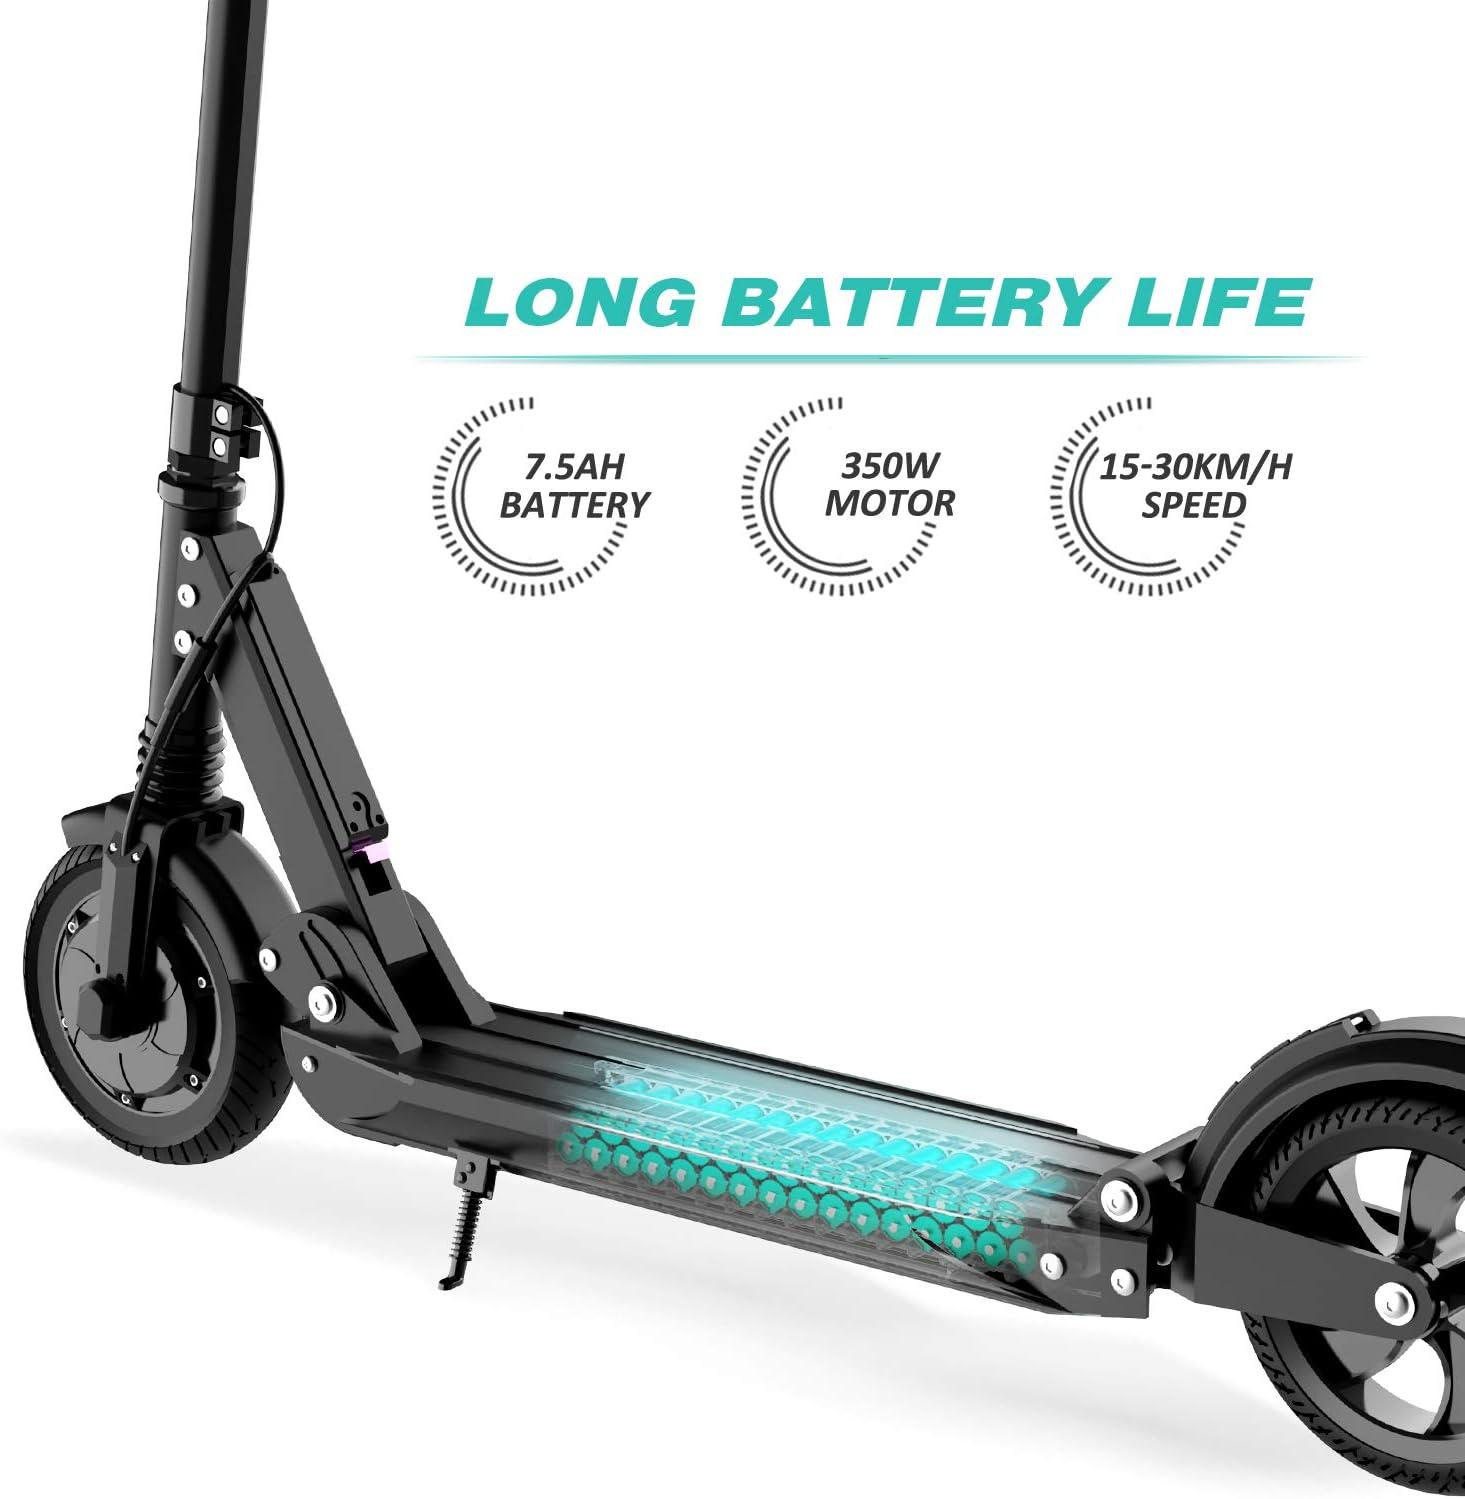 con Pantalla LCD GeekMe Patinete El/éctrico Scooter El/éctrico hasta 30 km//h Scooter El/éctrico PlegableBater/ía Li-Ion 7,5 A Carga m/áxima 120 kg para Adultos y Ni/ños